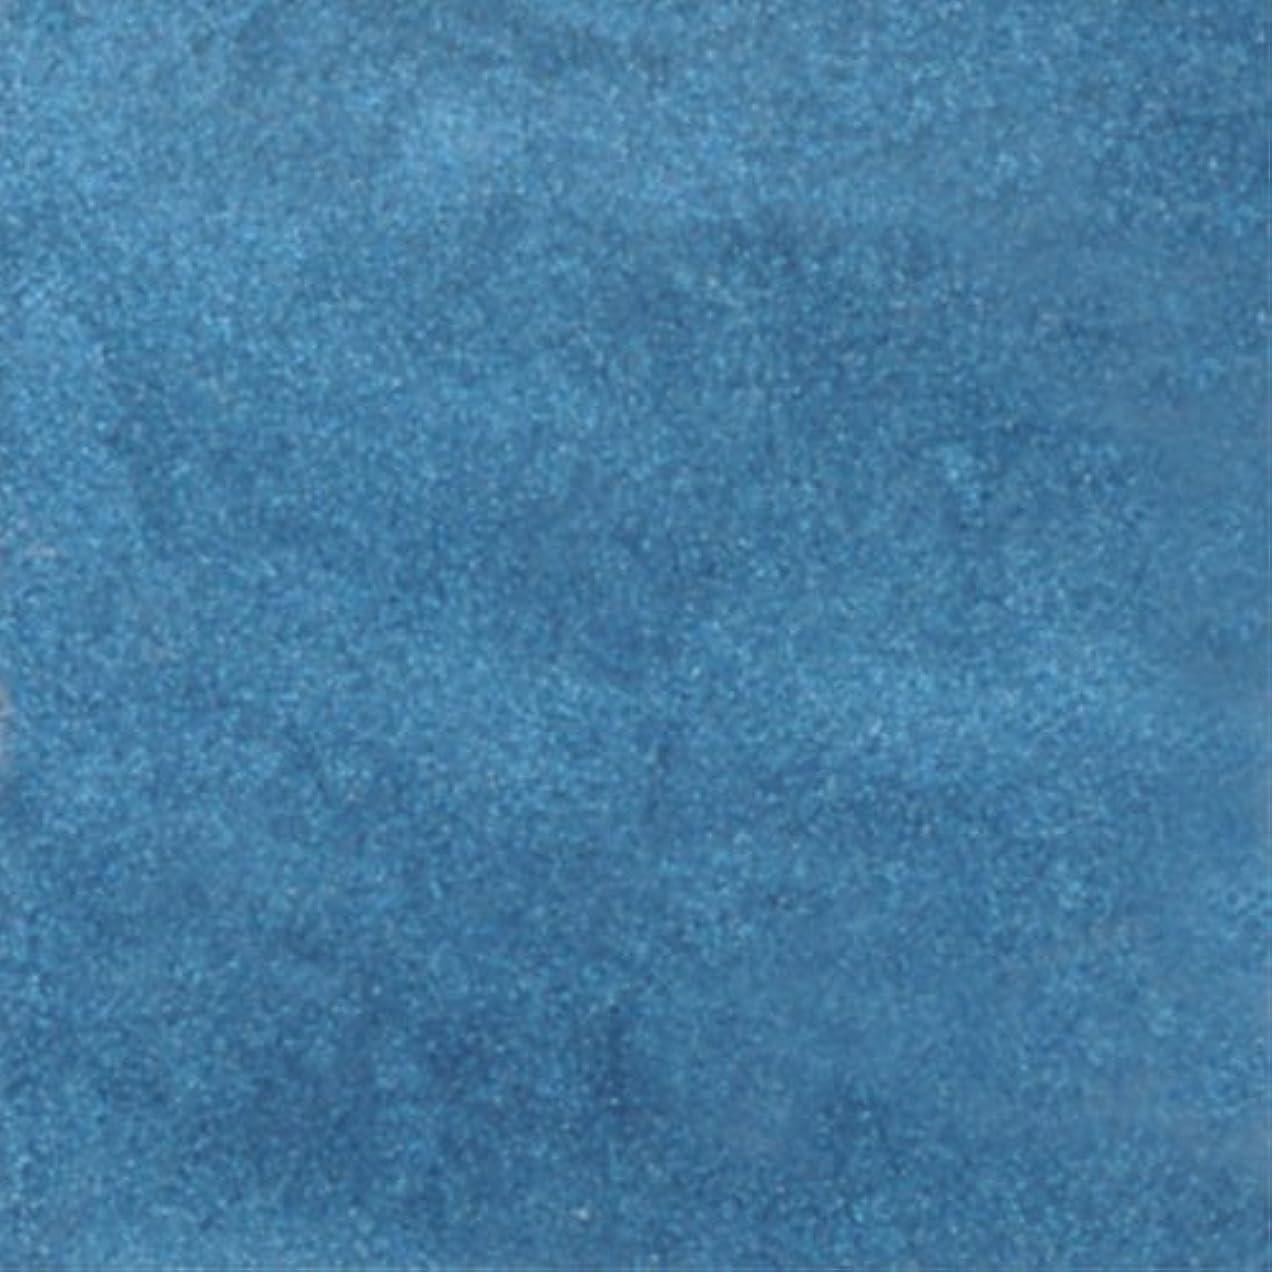 オフセットスチュワード悲劇ピカエース ネイル用パウダー ピカエース シャインパウダー #813 藍色 0.25g アート材